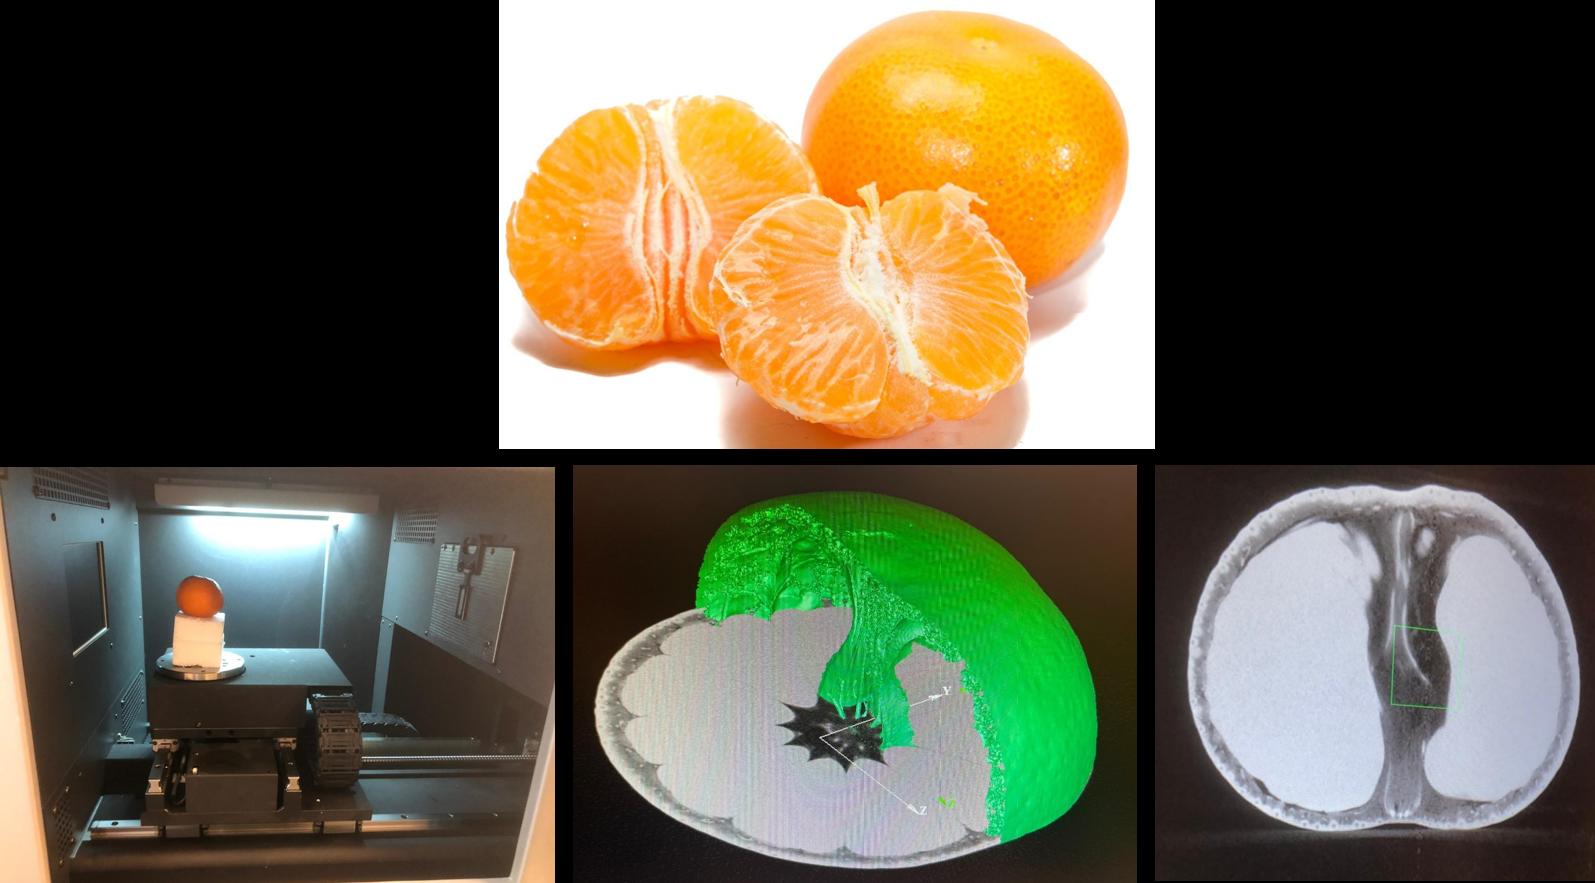 Untersuchung von organischen Strukturen am Beispiel einer Mandarine